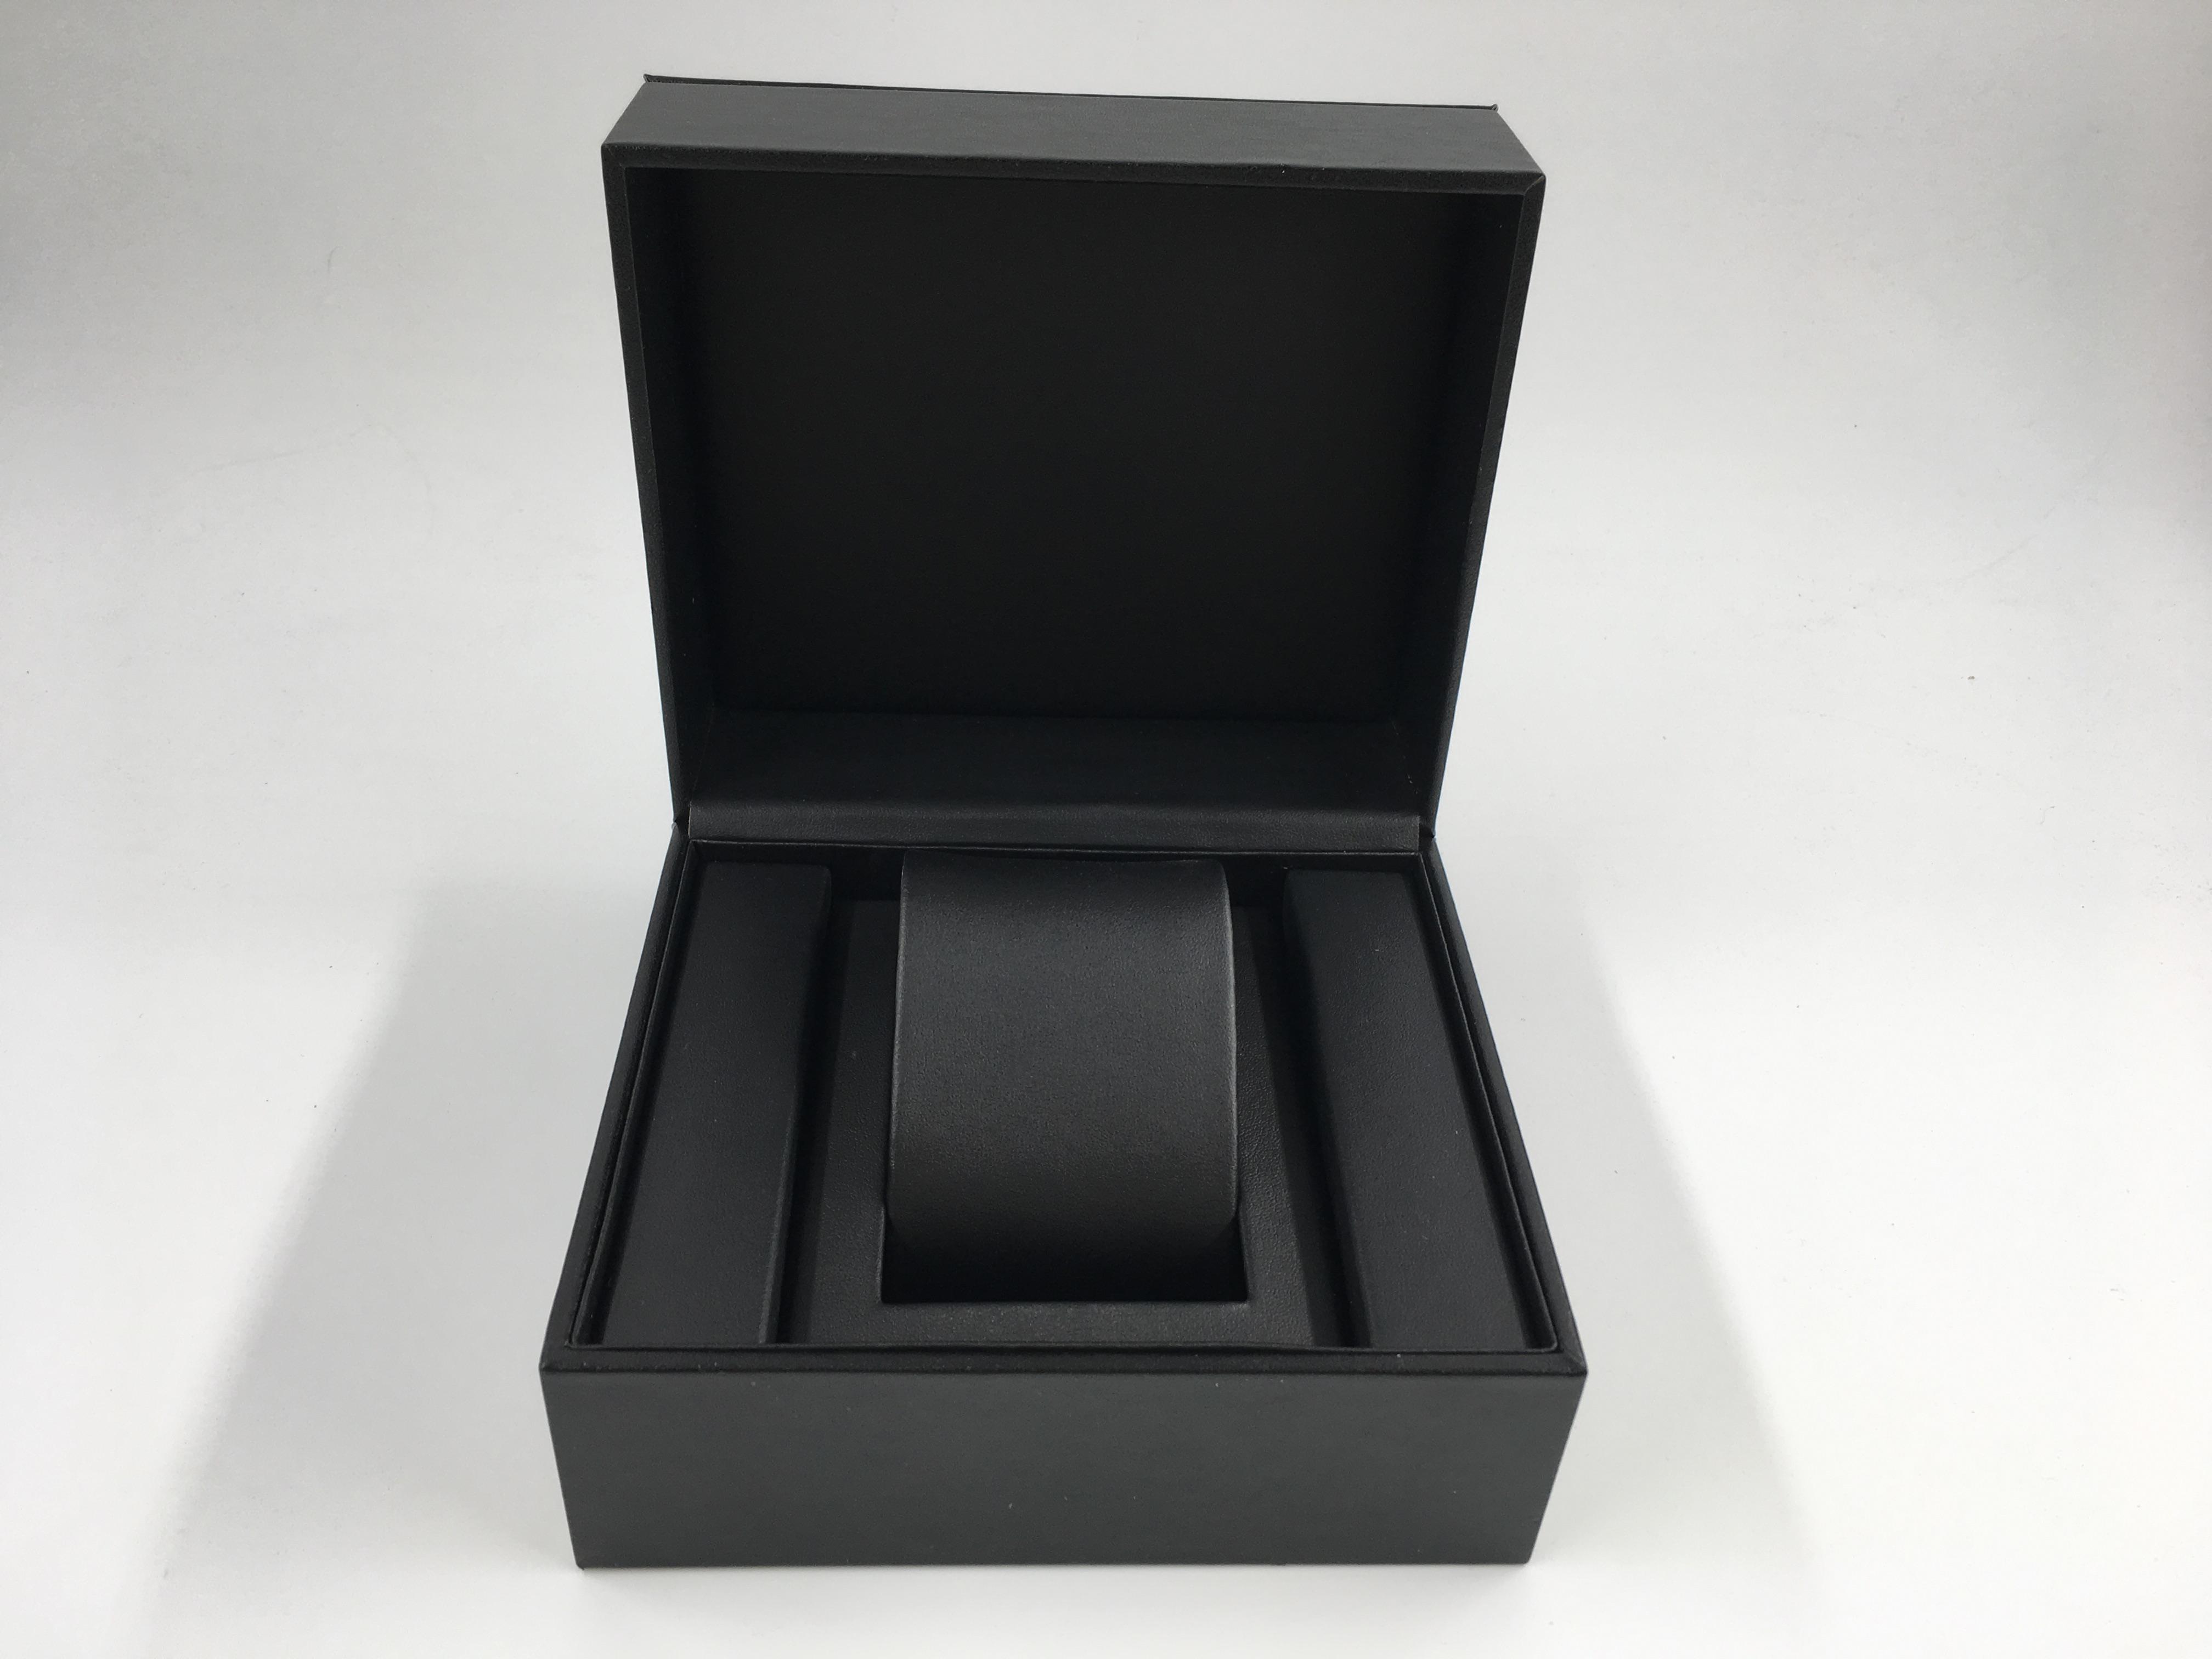 กล่อใสานาฬิกางานงานไม้หุ้มหนัง สีดำ